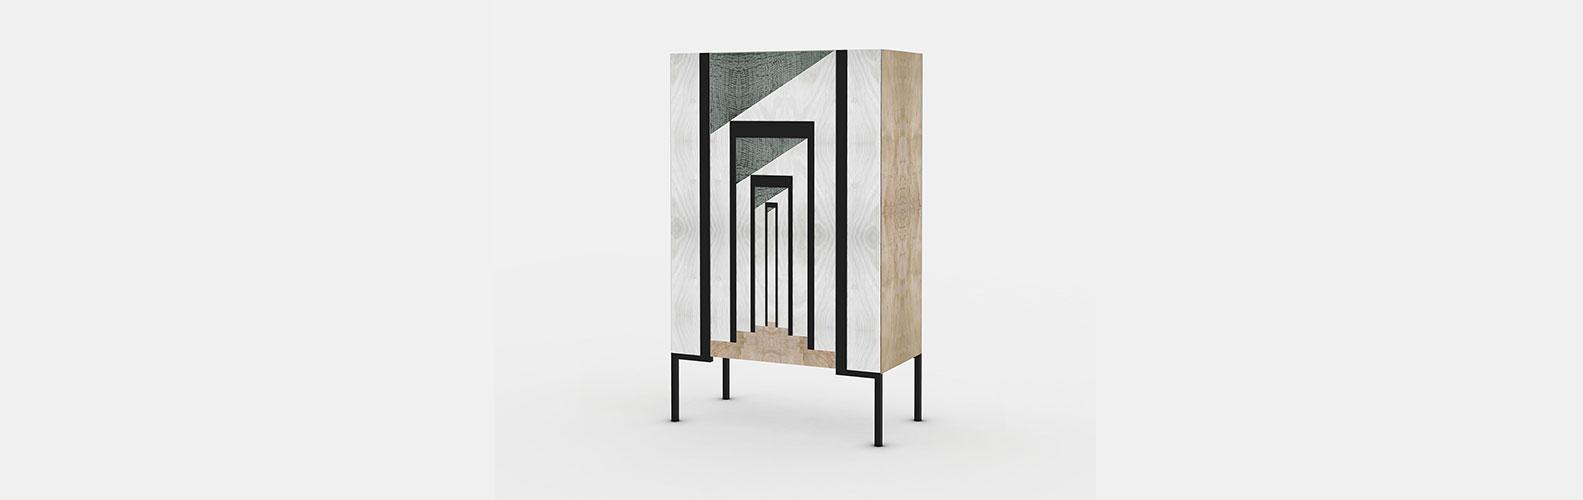 Gallery - HEBANON